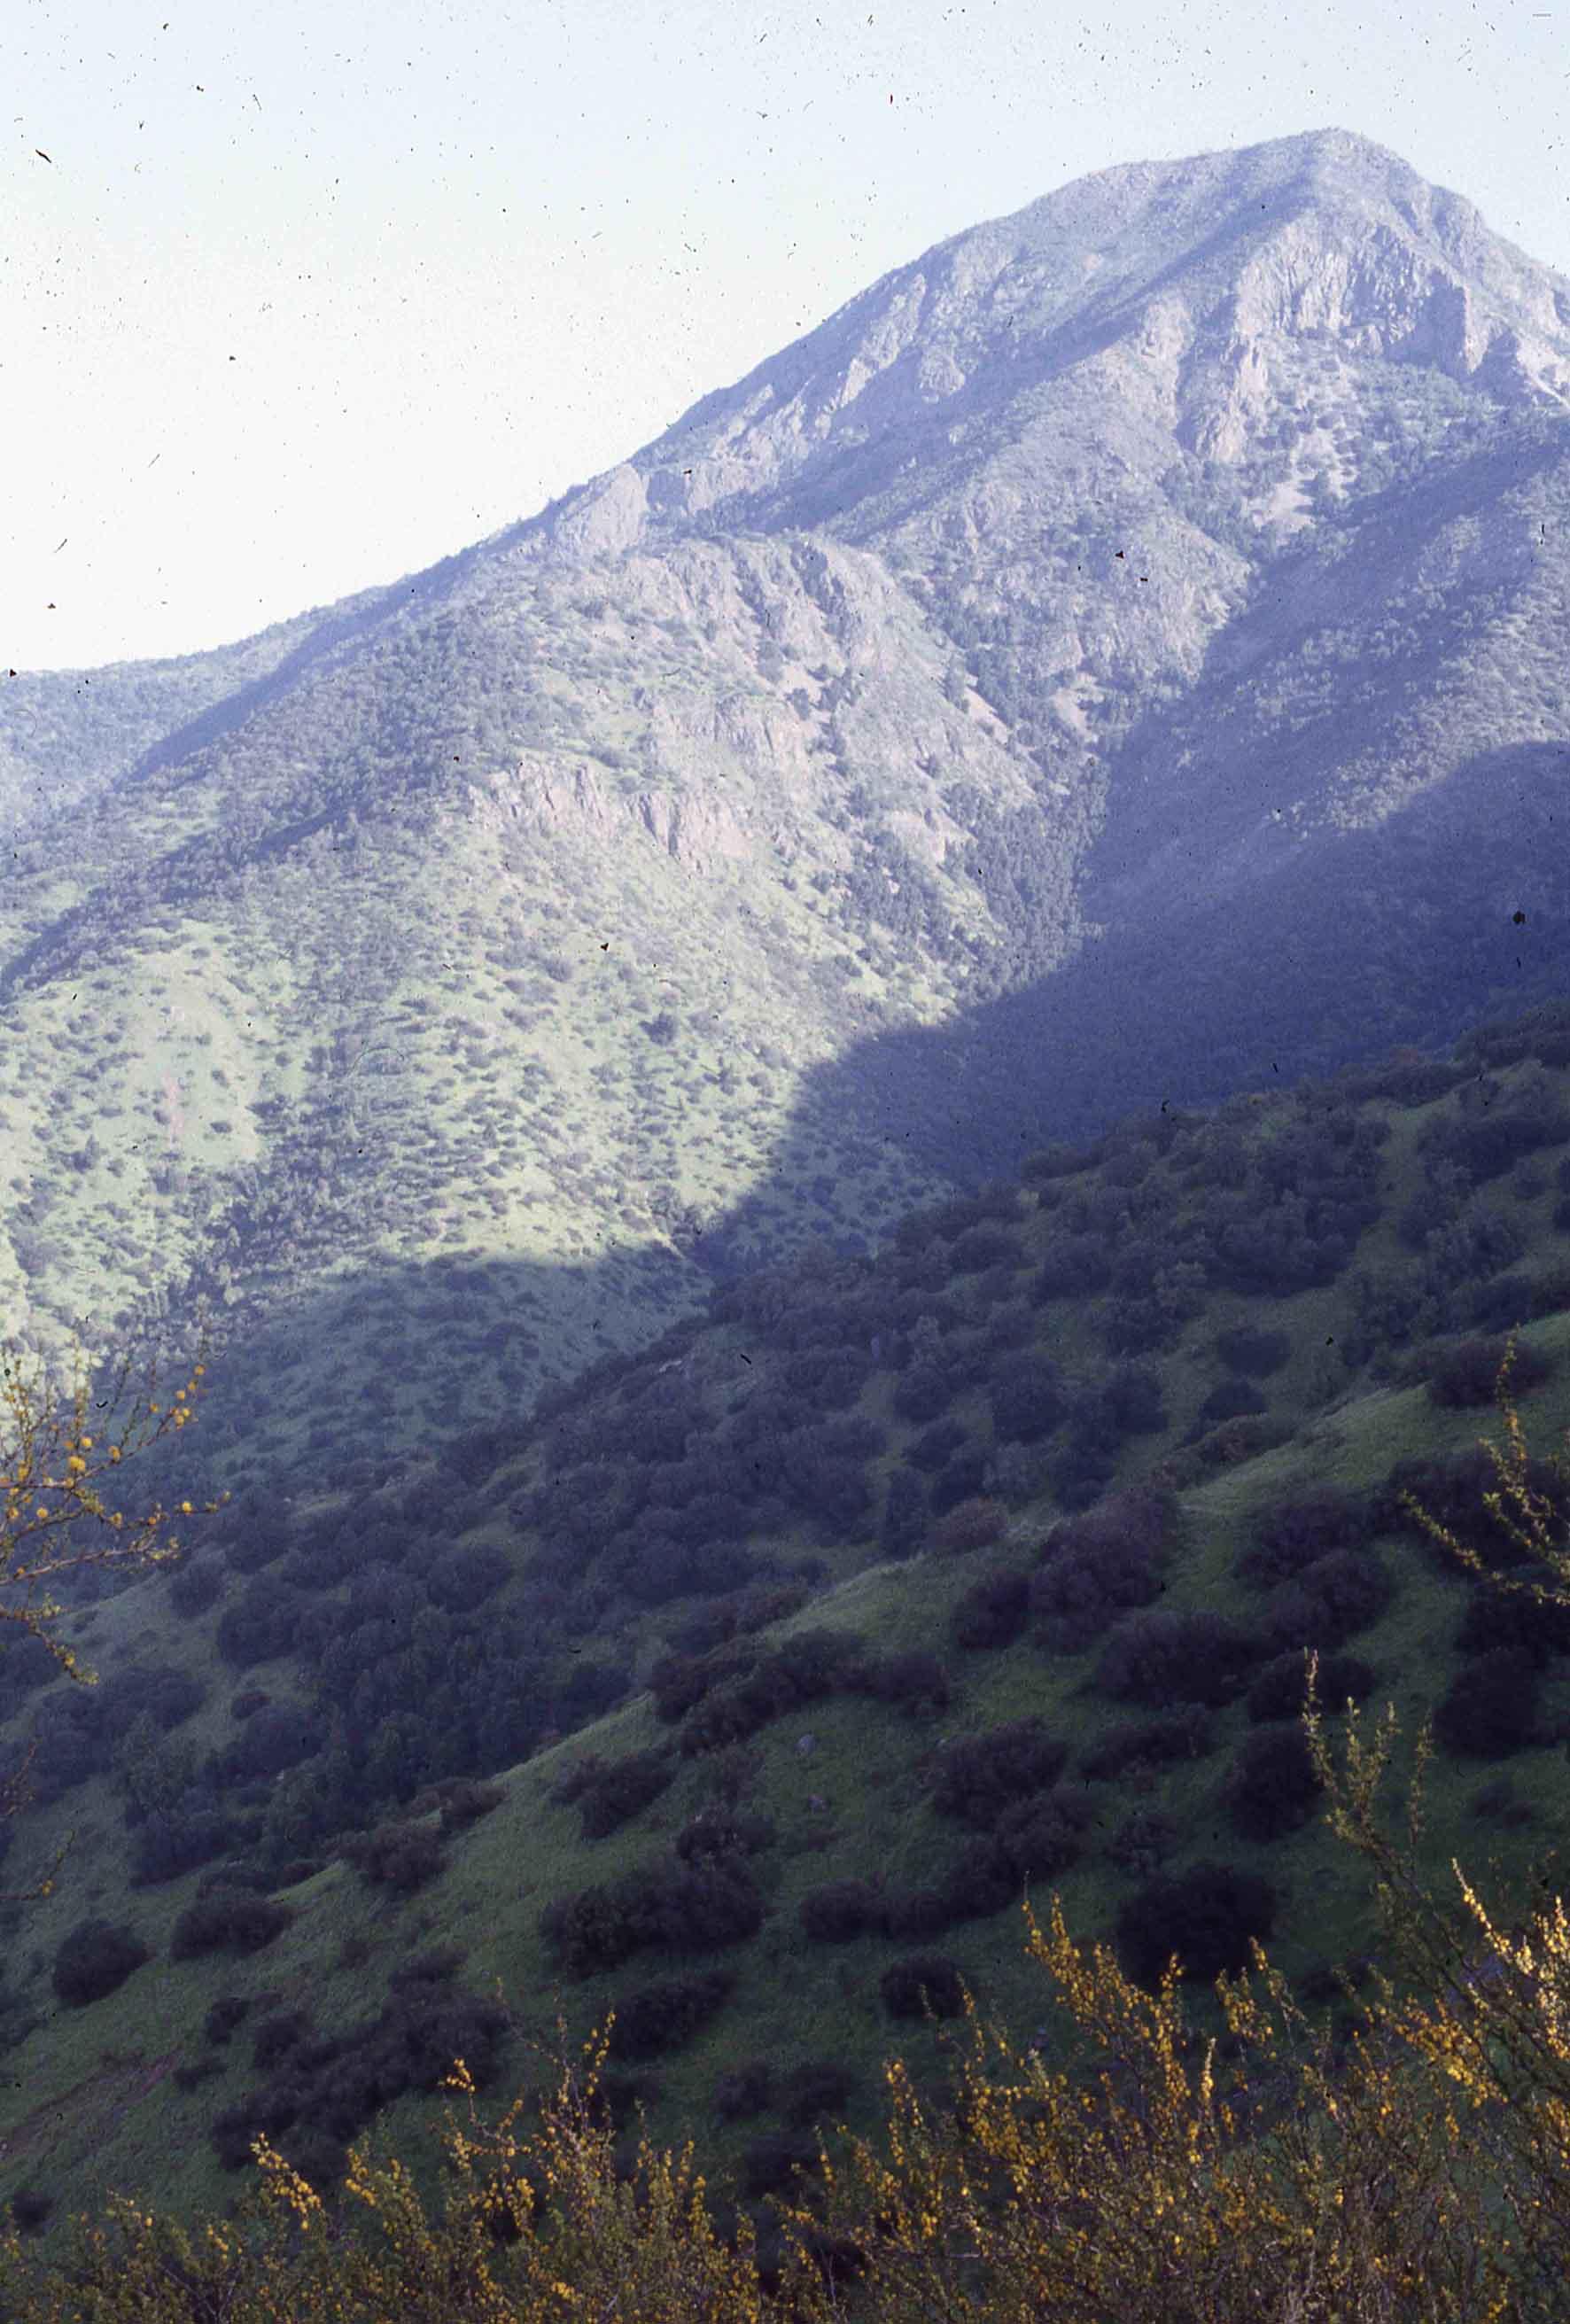 Enterreno - Fotos históricas de chile - fotos antiguas de Chile - Cerro Manquehue en 1980